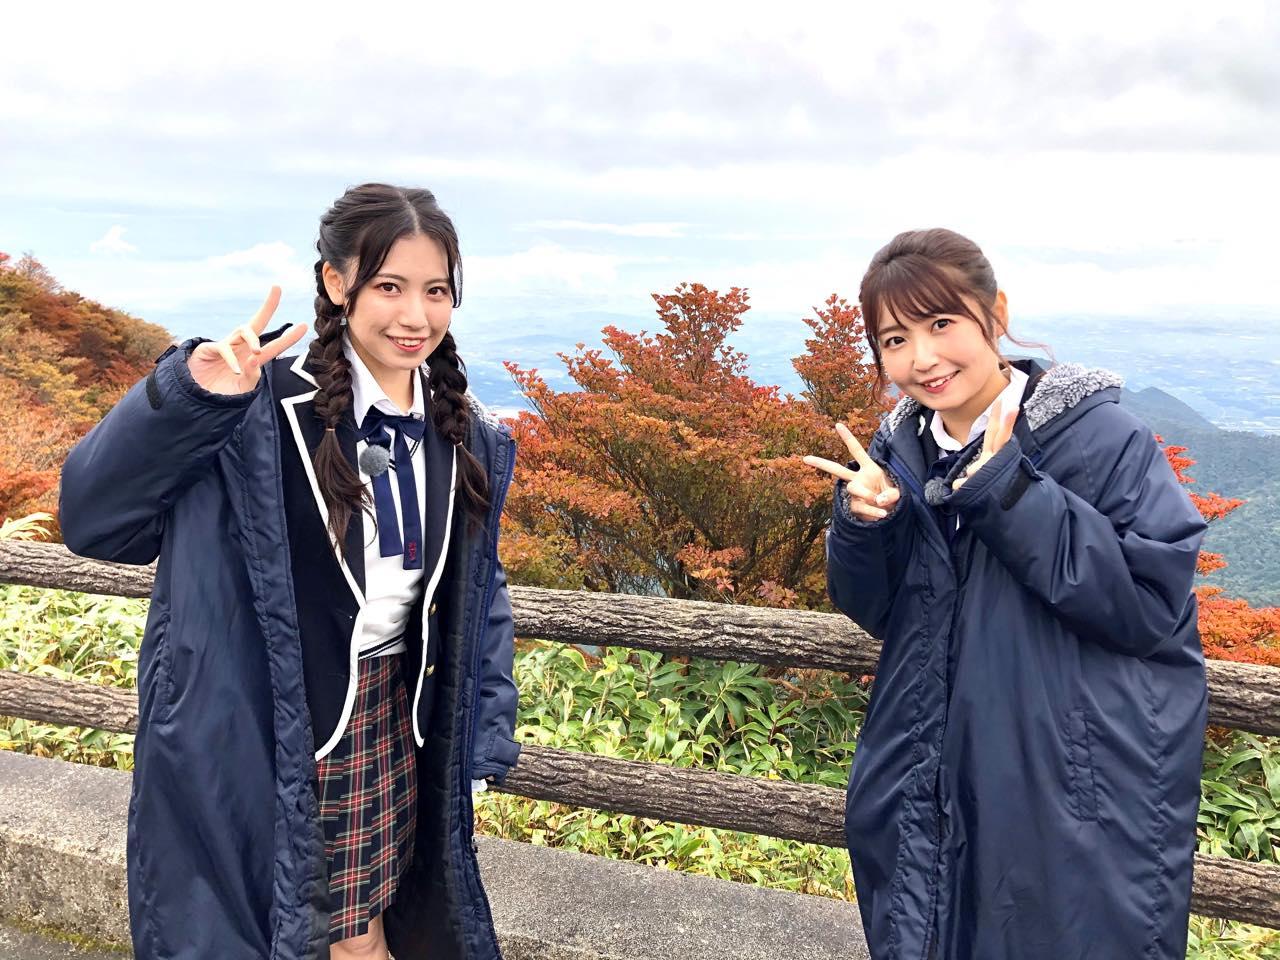 「SKE48は君と歌いたい」荒井優希&惣田紗莉渚が三重県菰野町の御在所ロープウエイを訪れる【東海テレビ】